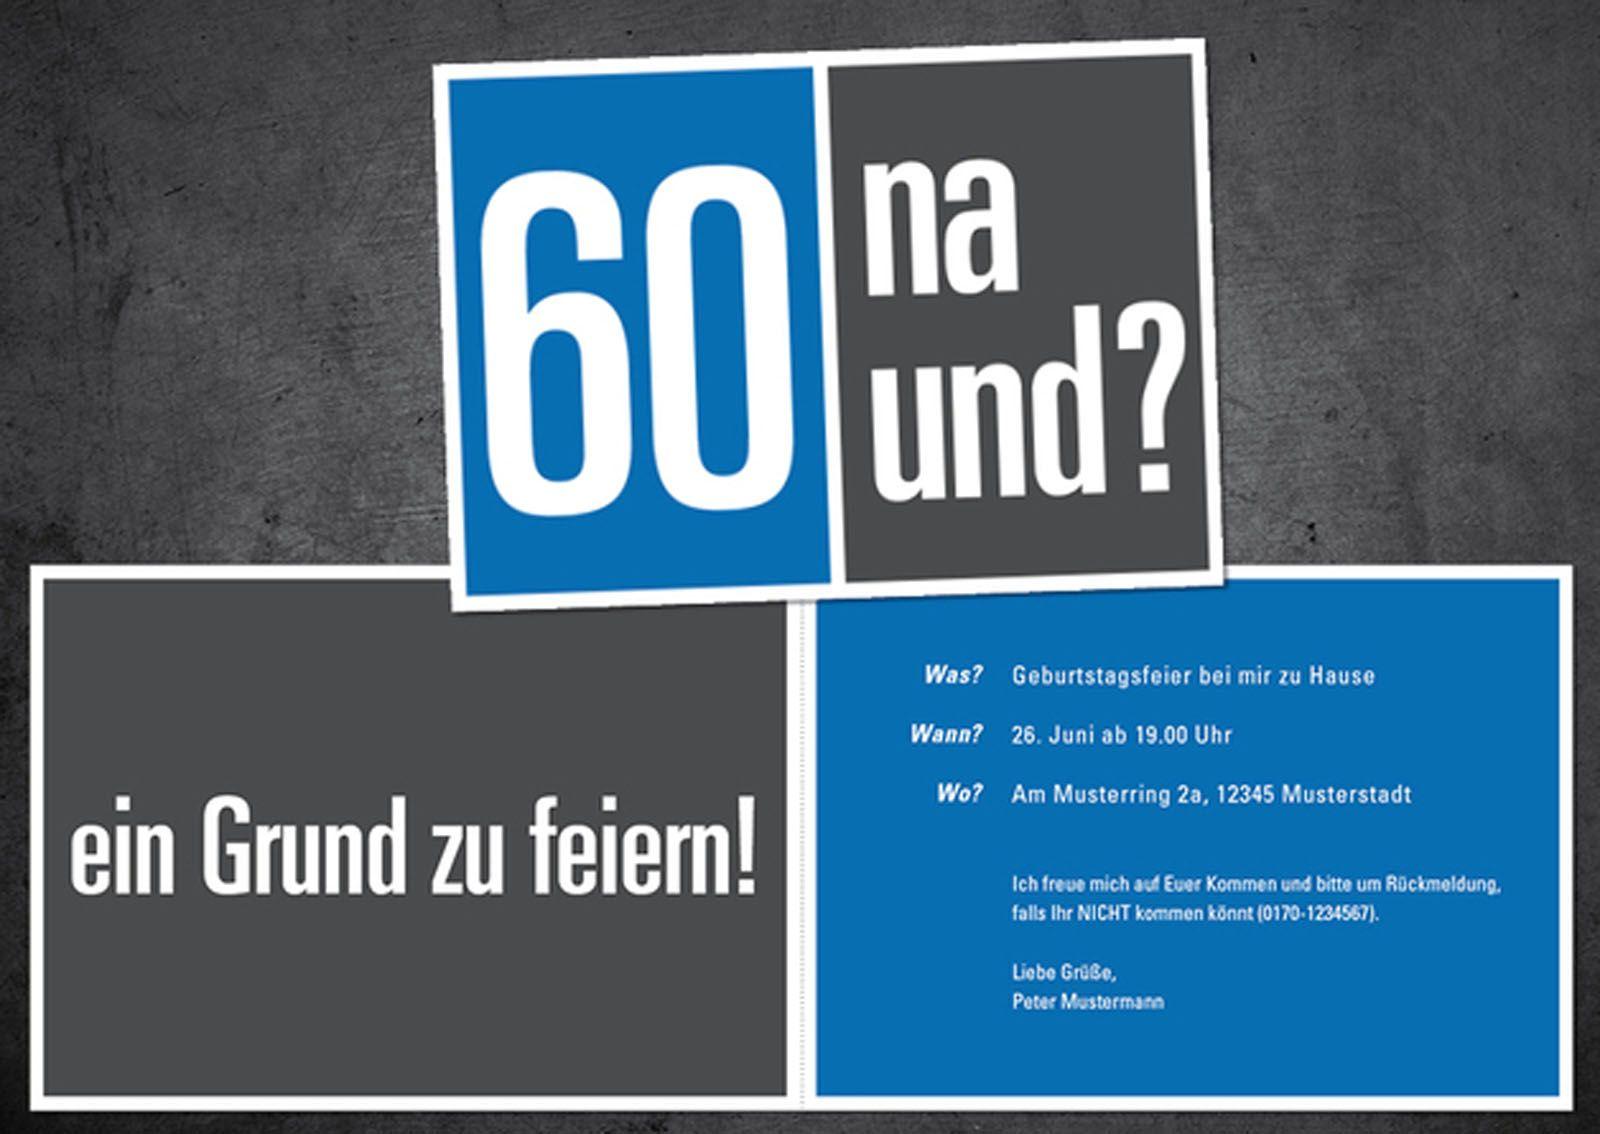 einladungen zum 60 geburtstag kostenlos ausdrucken, Einladung